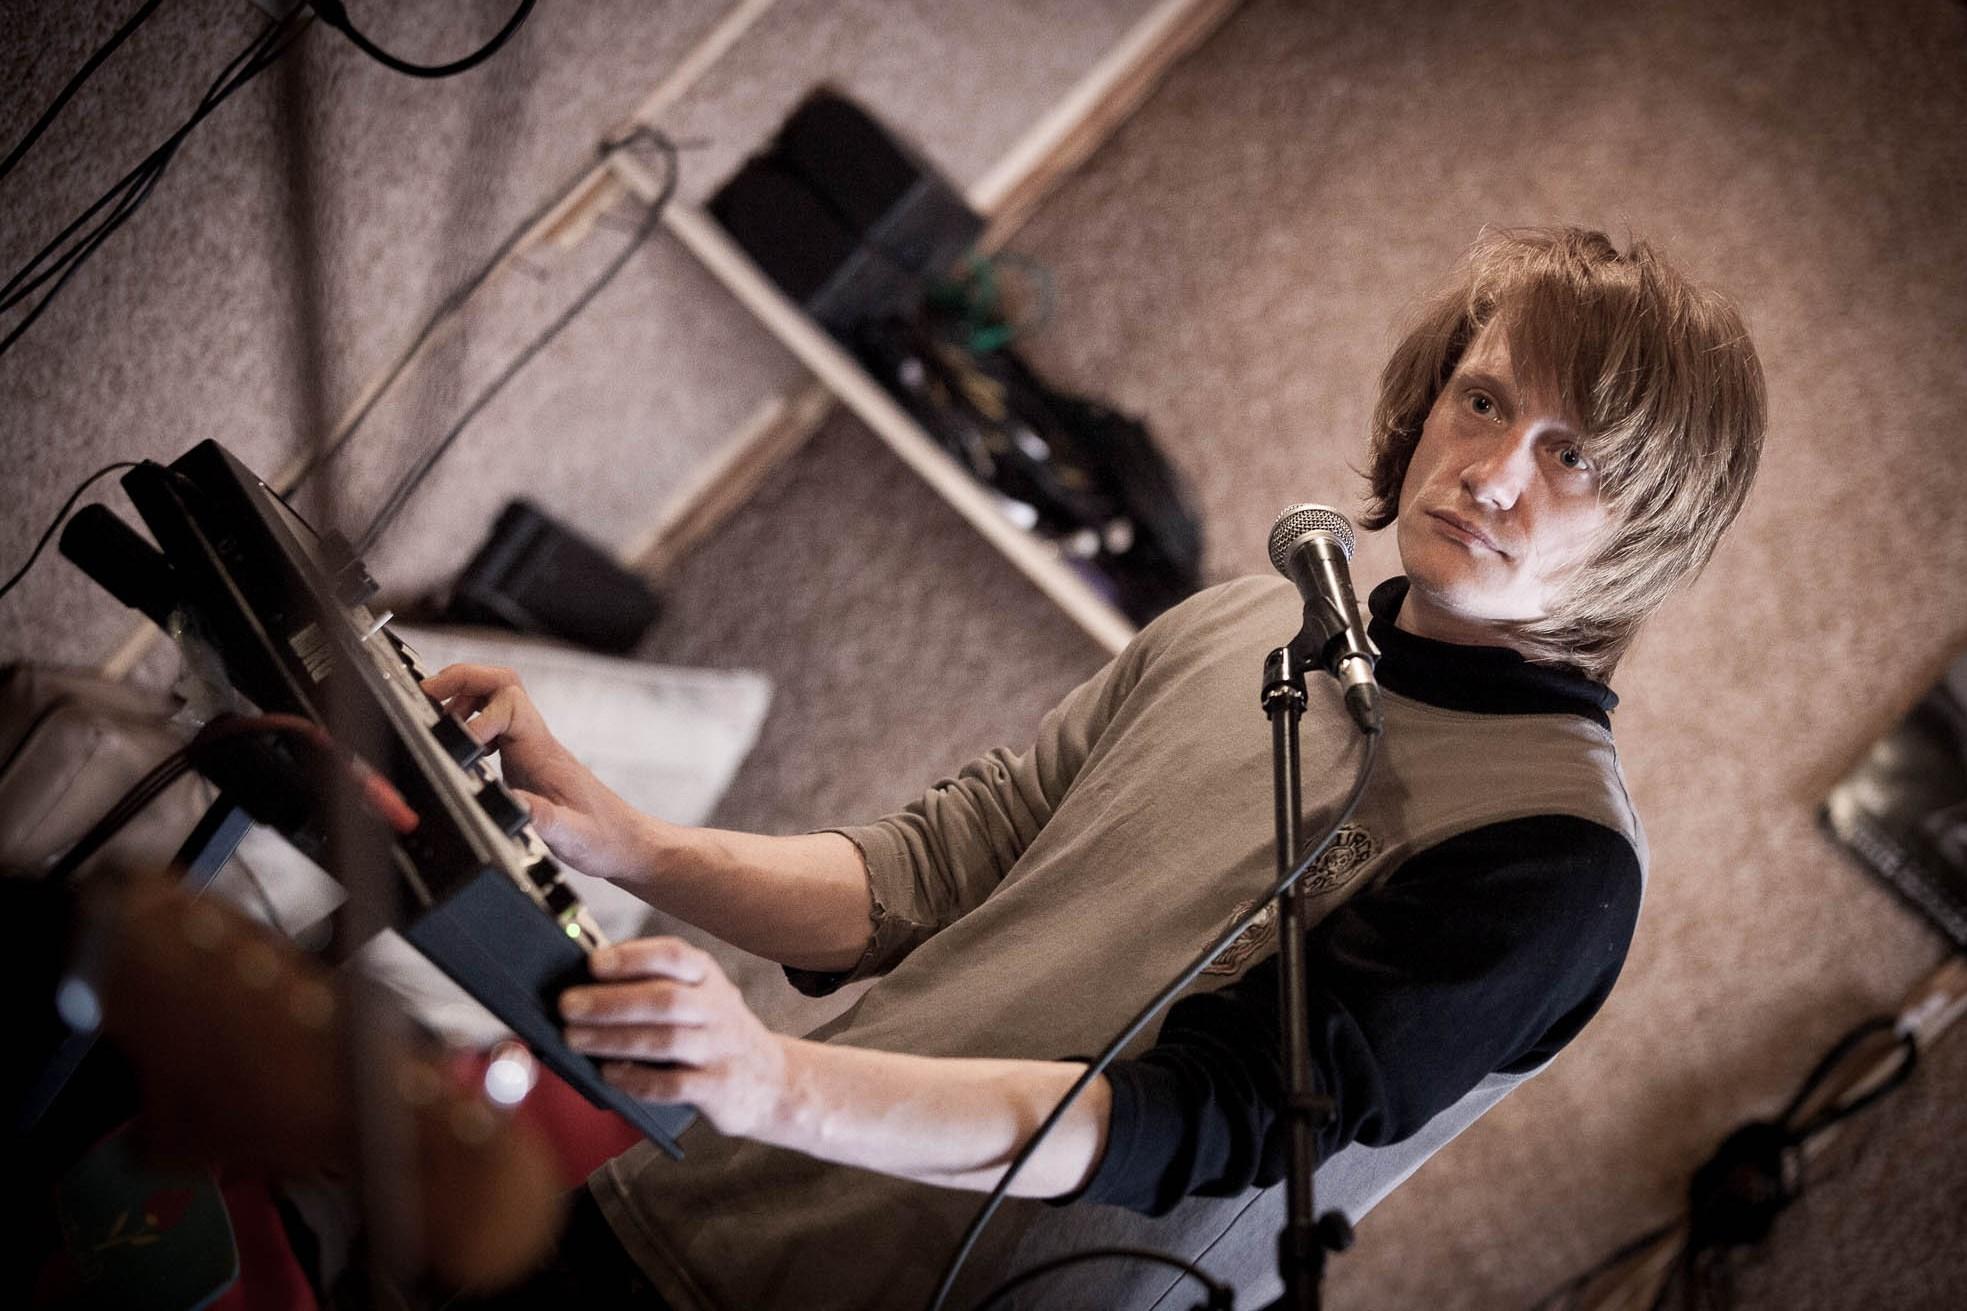 «Курара» отпразднует свое десятилетие презентацией нового альбома в Екатеринбурге